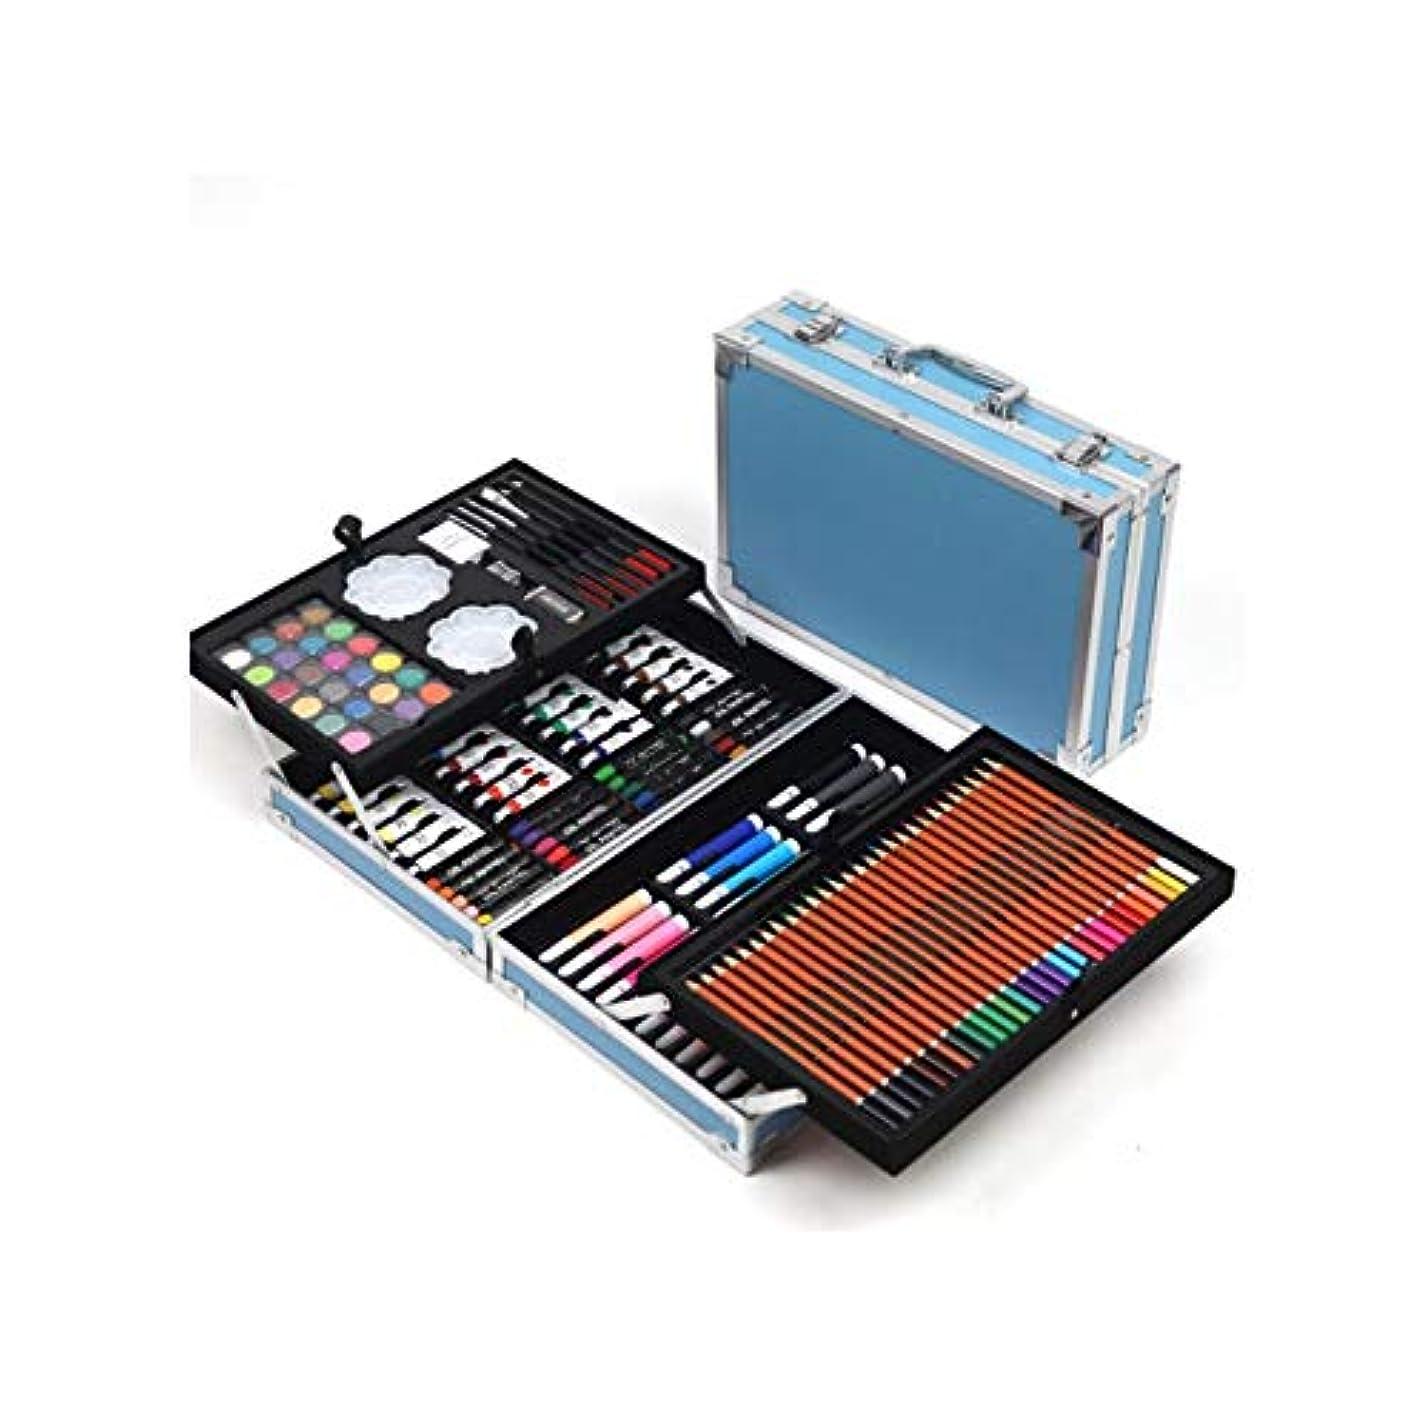 条約しみ広々Yougou001 ペイントブラシ、持ち運びが簡単、168セットのペイントセット、ギフトボックスの学生がペイントツールを学ぶ、ペイントペン一式(ピンク/ブルー、168ピース) 技量は滑らかで快適です (Color : Pink, Size : 168 pieces)